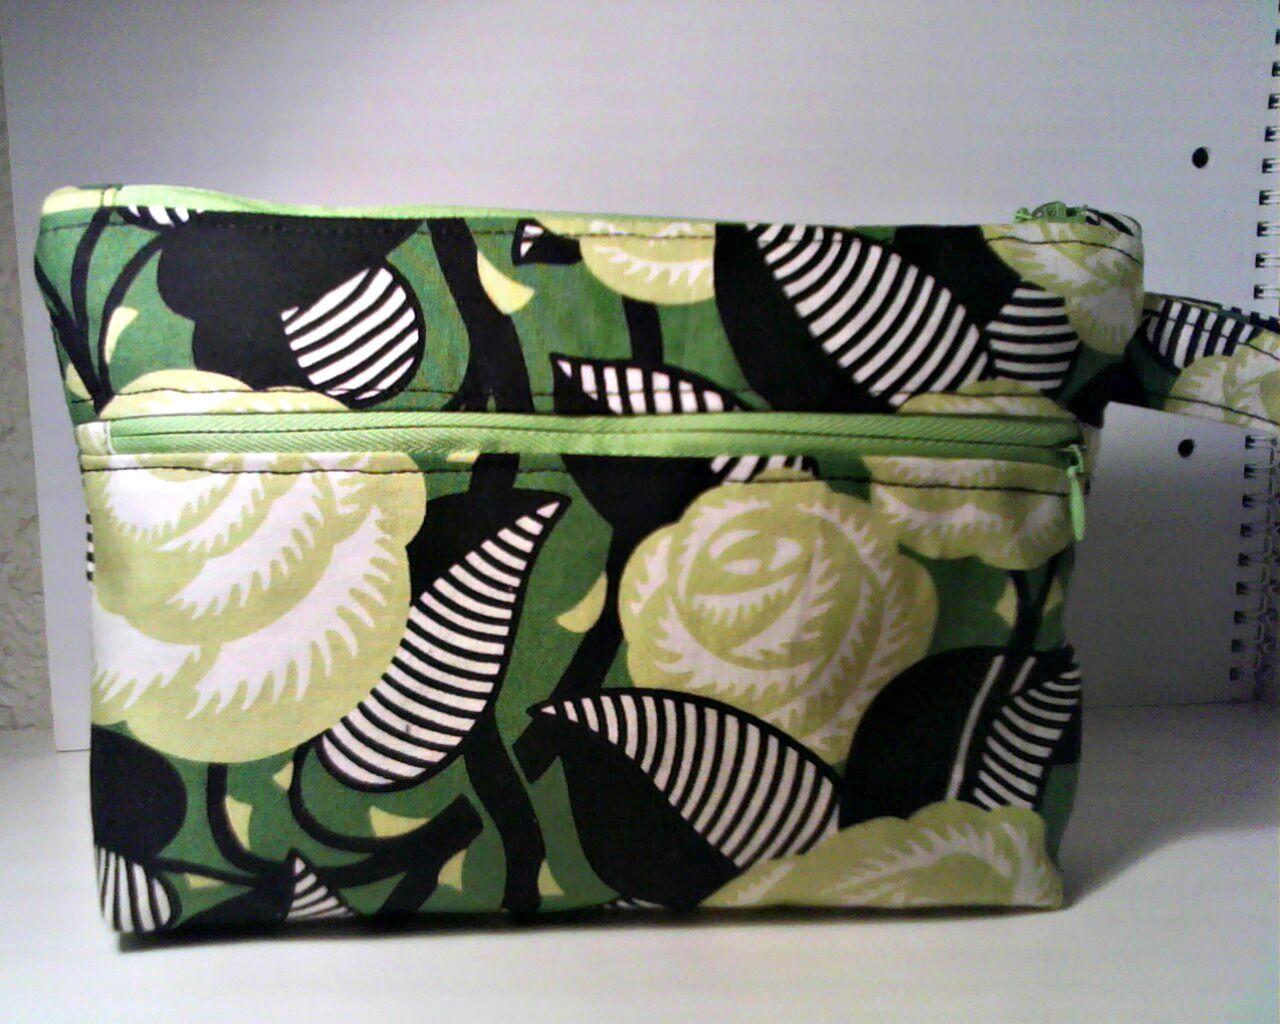 Bolso modelo Nightfall pequeño y perfecto para ocasiones especiales, hecho con tela de Vera Bradley en tonos verdes